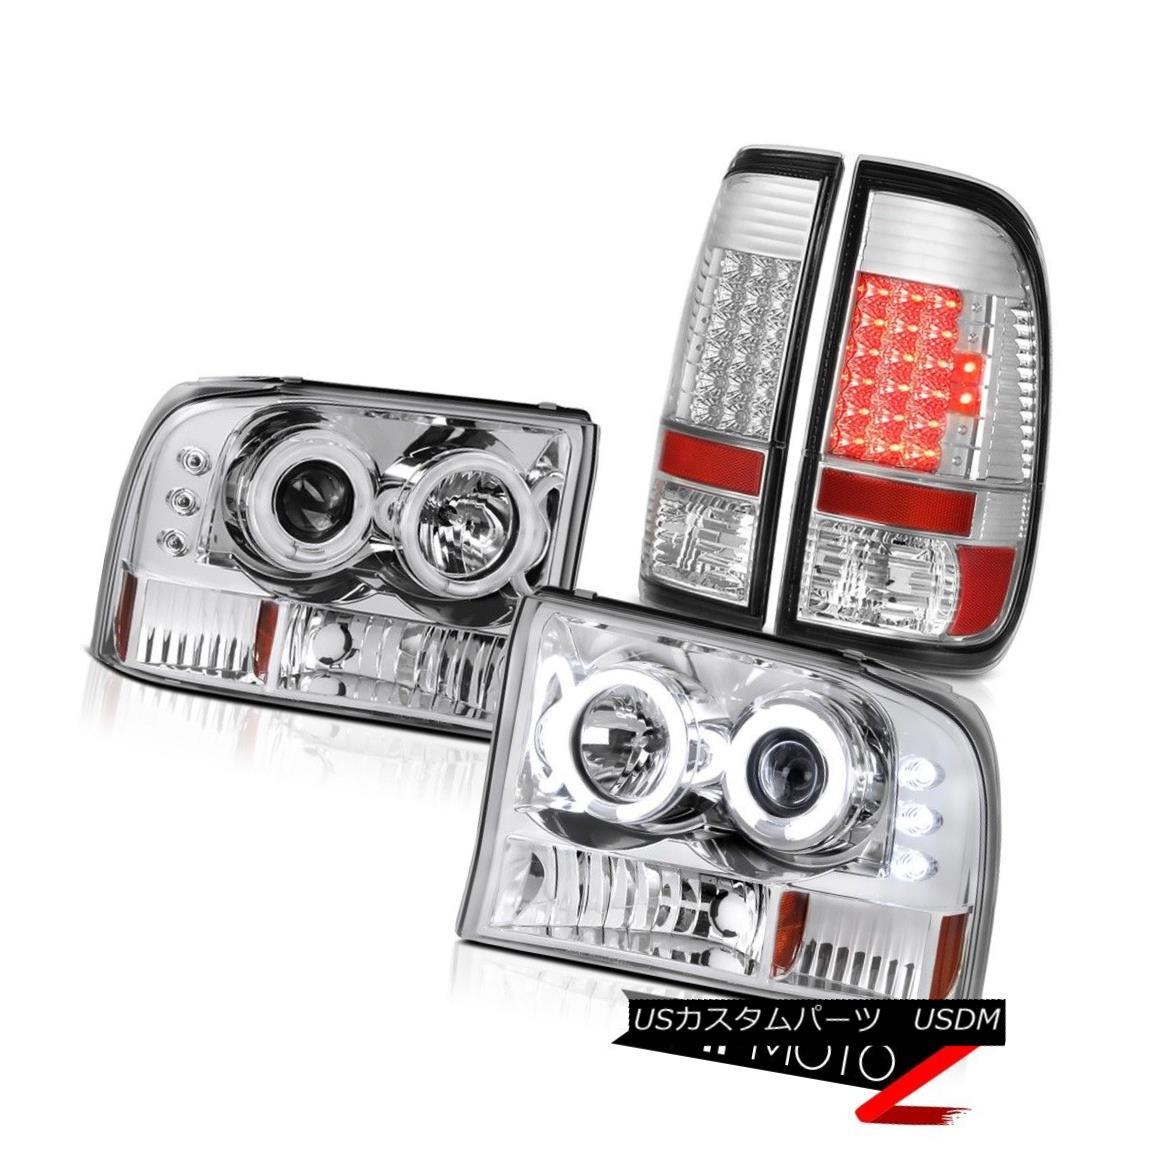 ヘッドライト 1999-2004 Ford F250 F350 SuperDuty CCFL Halo Angel Eye Headlight Tail Light Lamp 1999-2004 Ford F250 F350 SuperDuty CCFL Halo Angelヘッドライトテールライトランプ